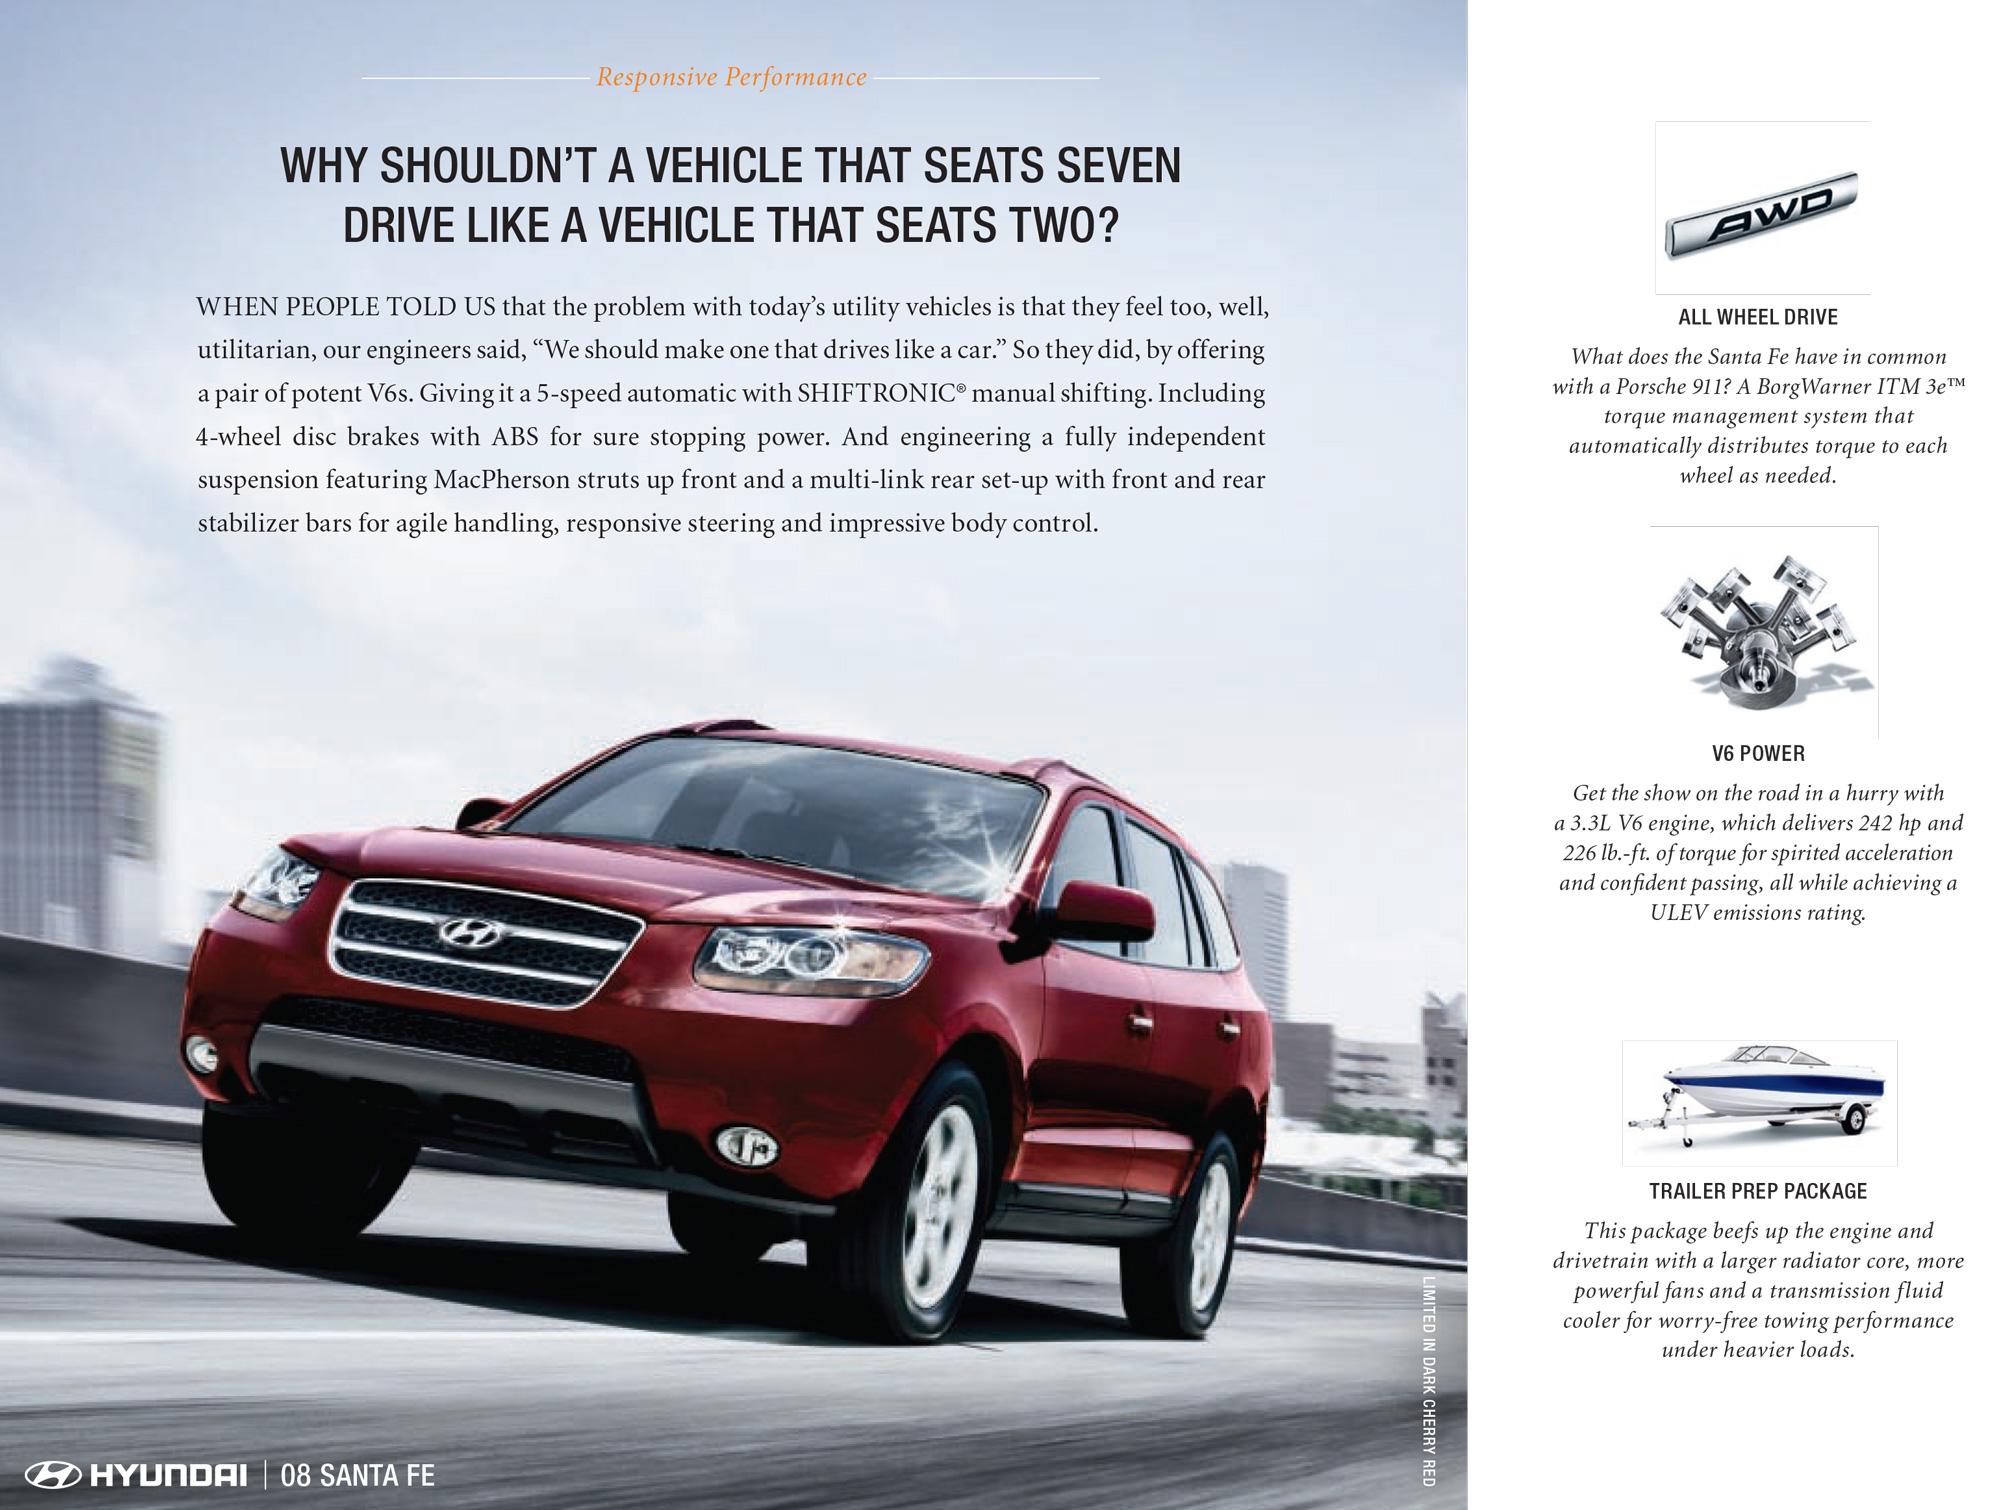 2008 Hyundai Santa Fe ad